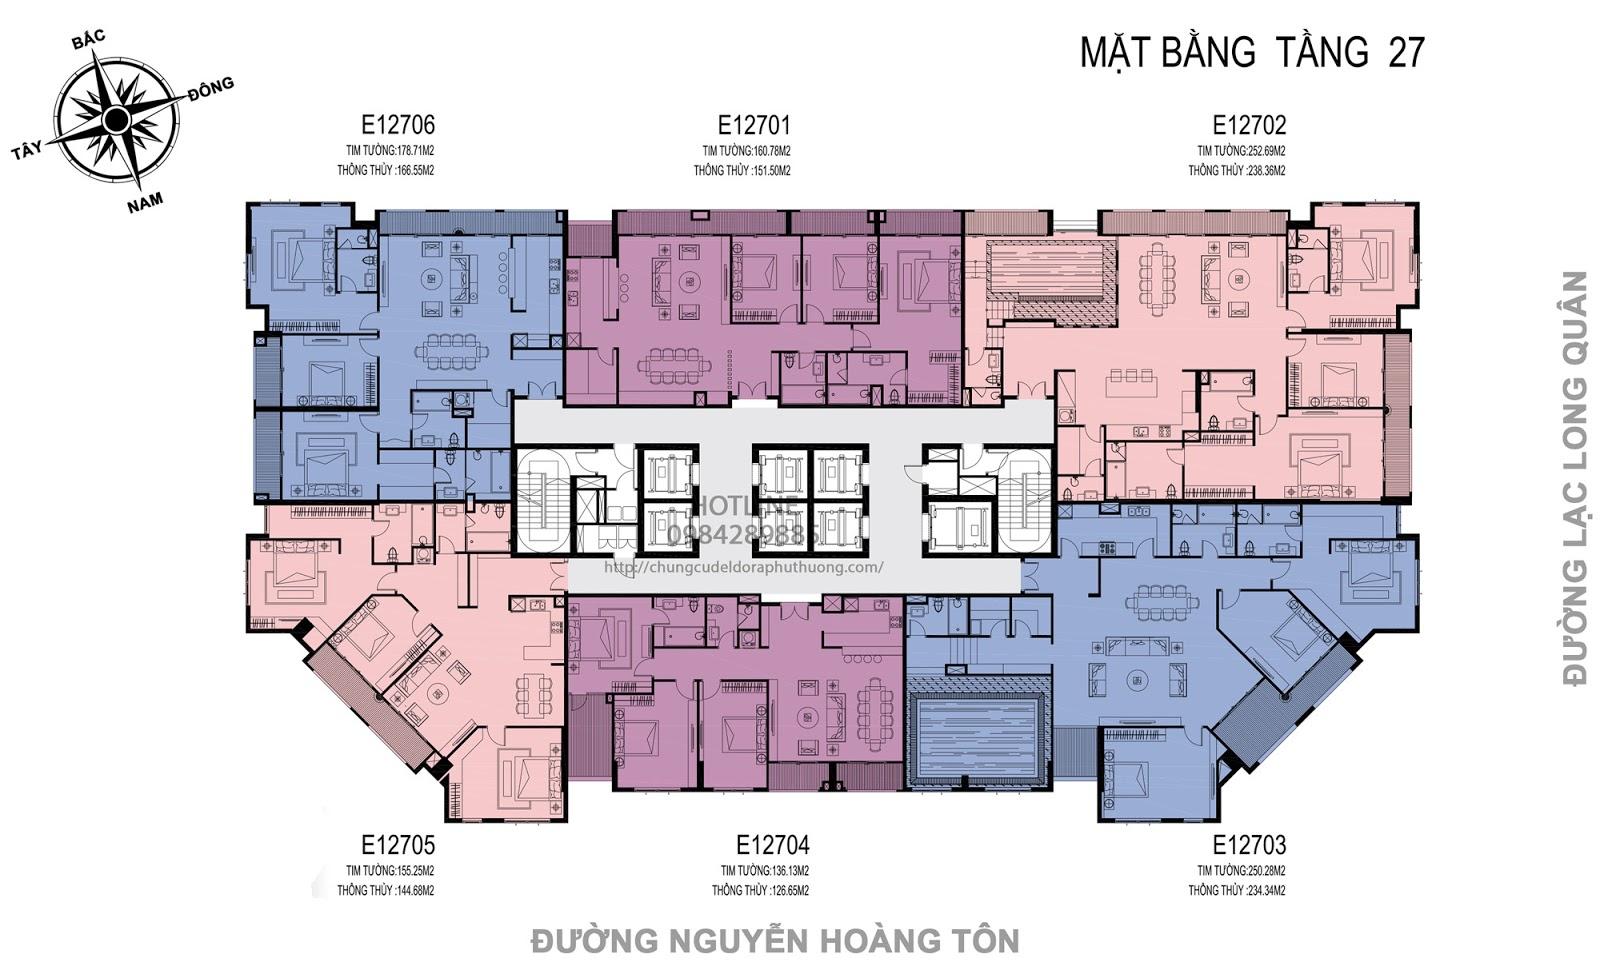 hinh-anh-mat-bang-tang-27-del-dorado-premium